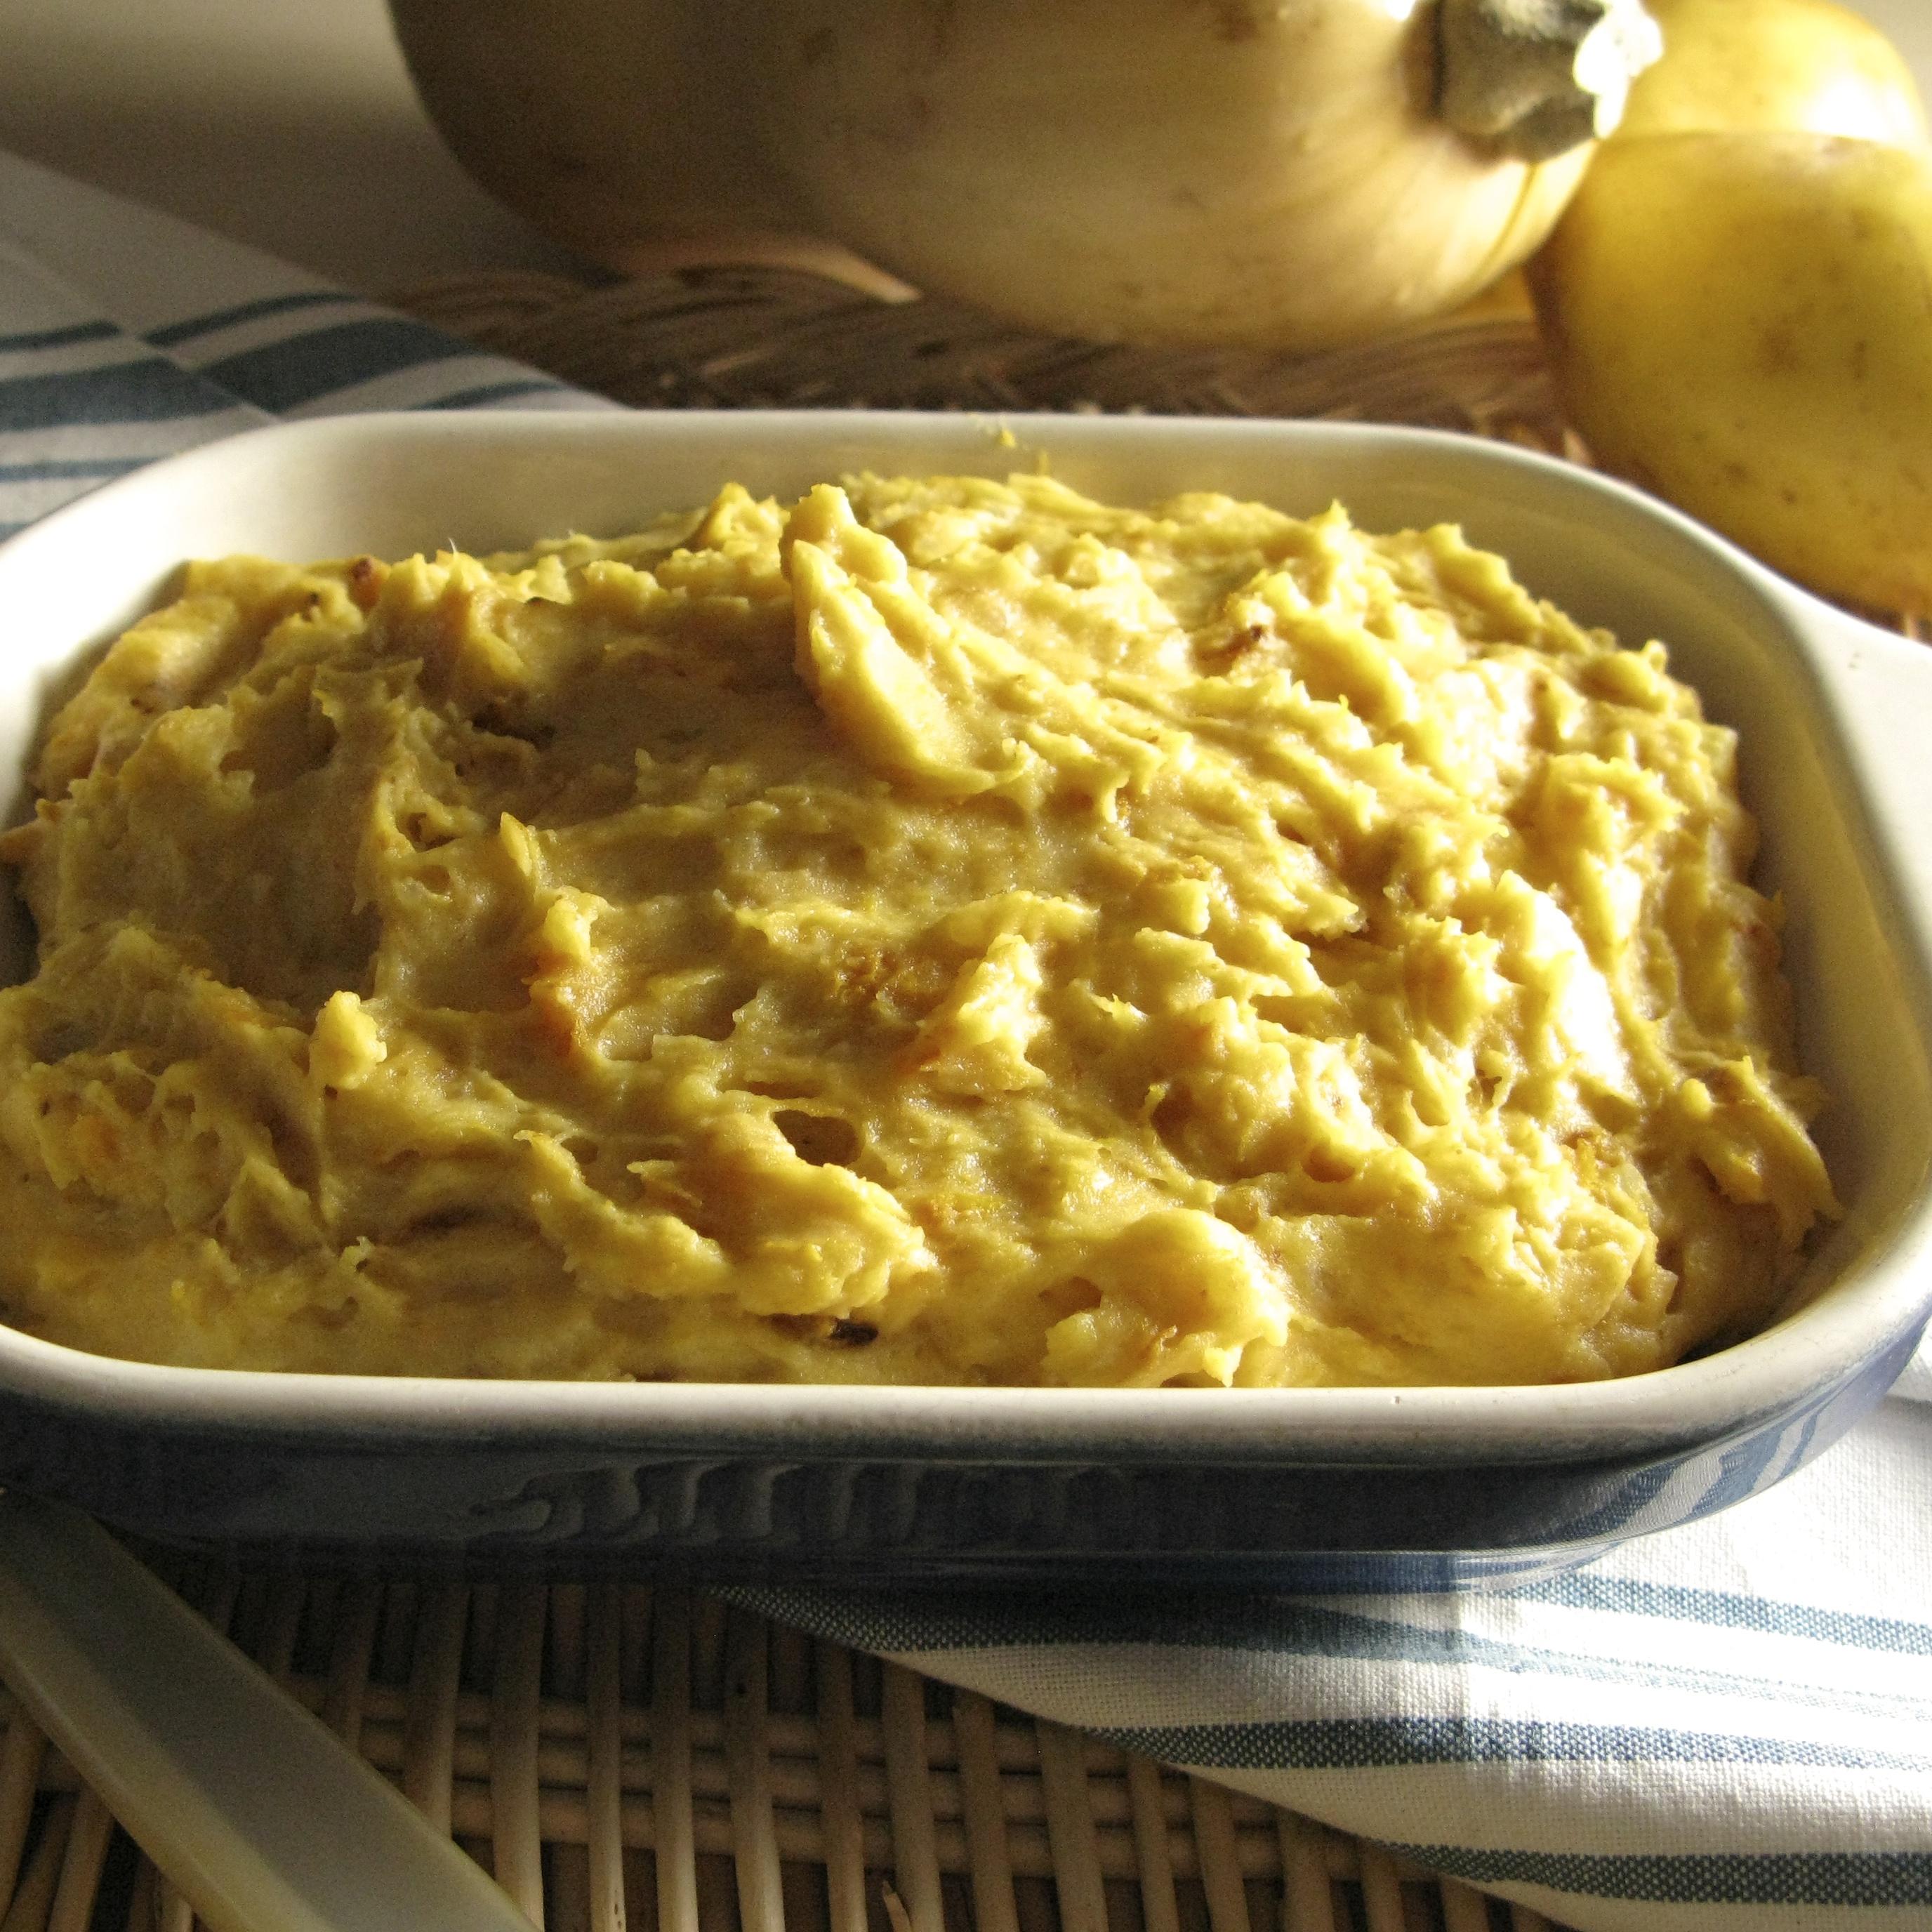 Mashed Butternut Squash and Yukon Gold Potatoes